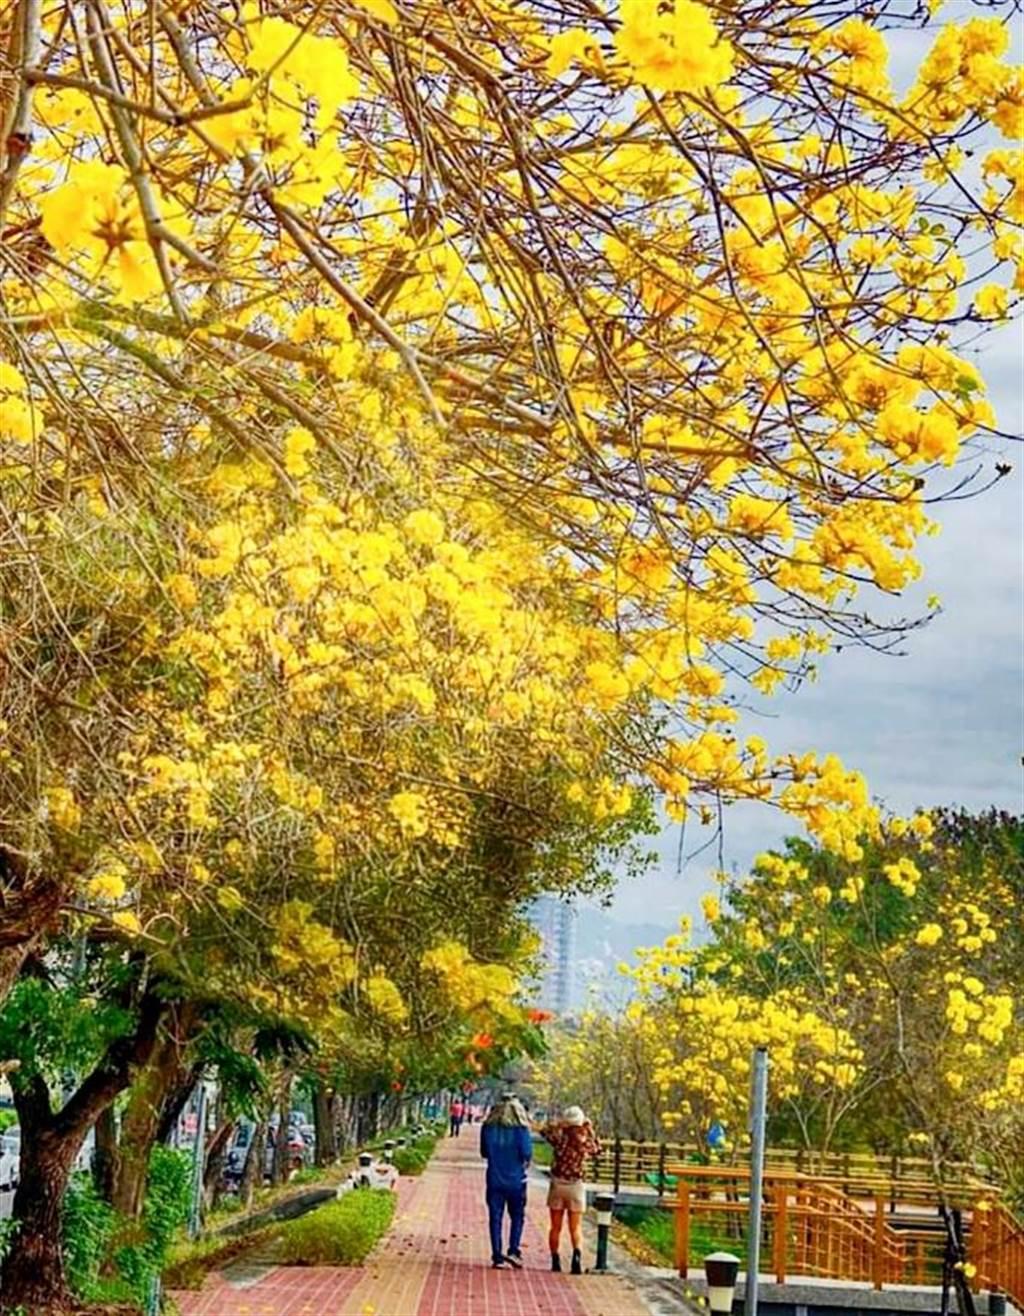 嘉義市軍輝橋八掌溪畔黃花風鈴木盛開,遊客絡繹不絕。(賴萬鎮提供)